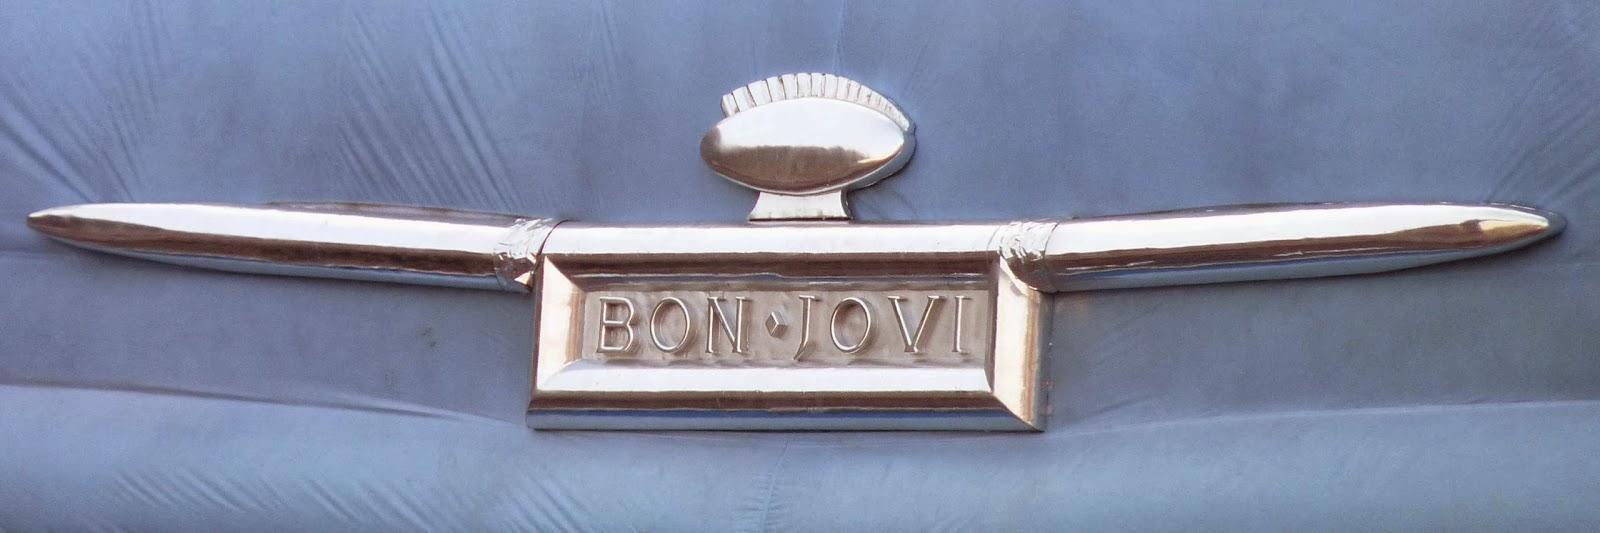 Logotipo de Bon Jovi del escenario del concierto.